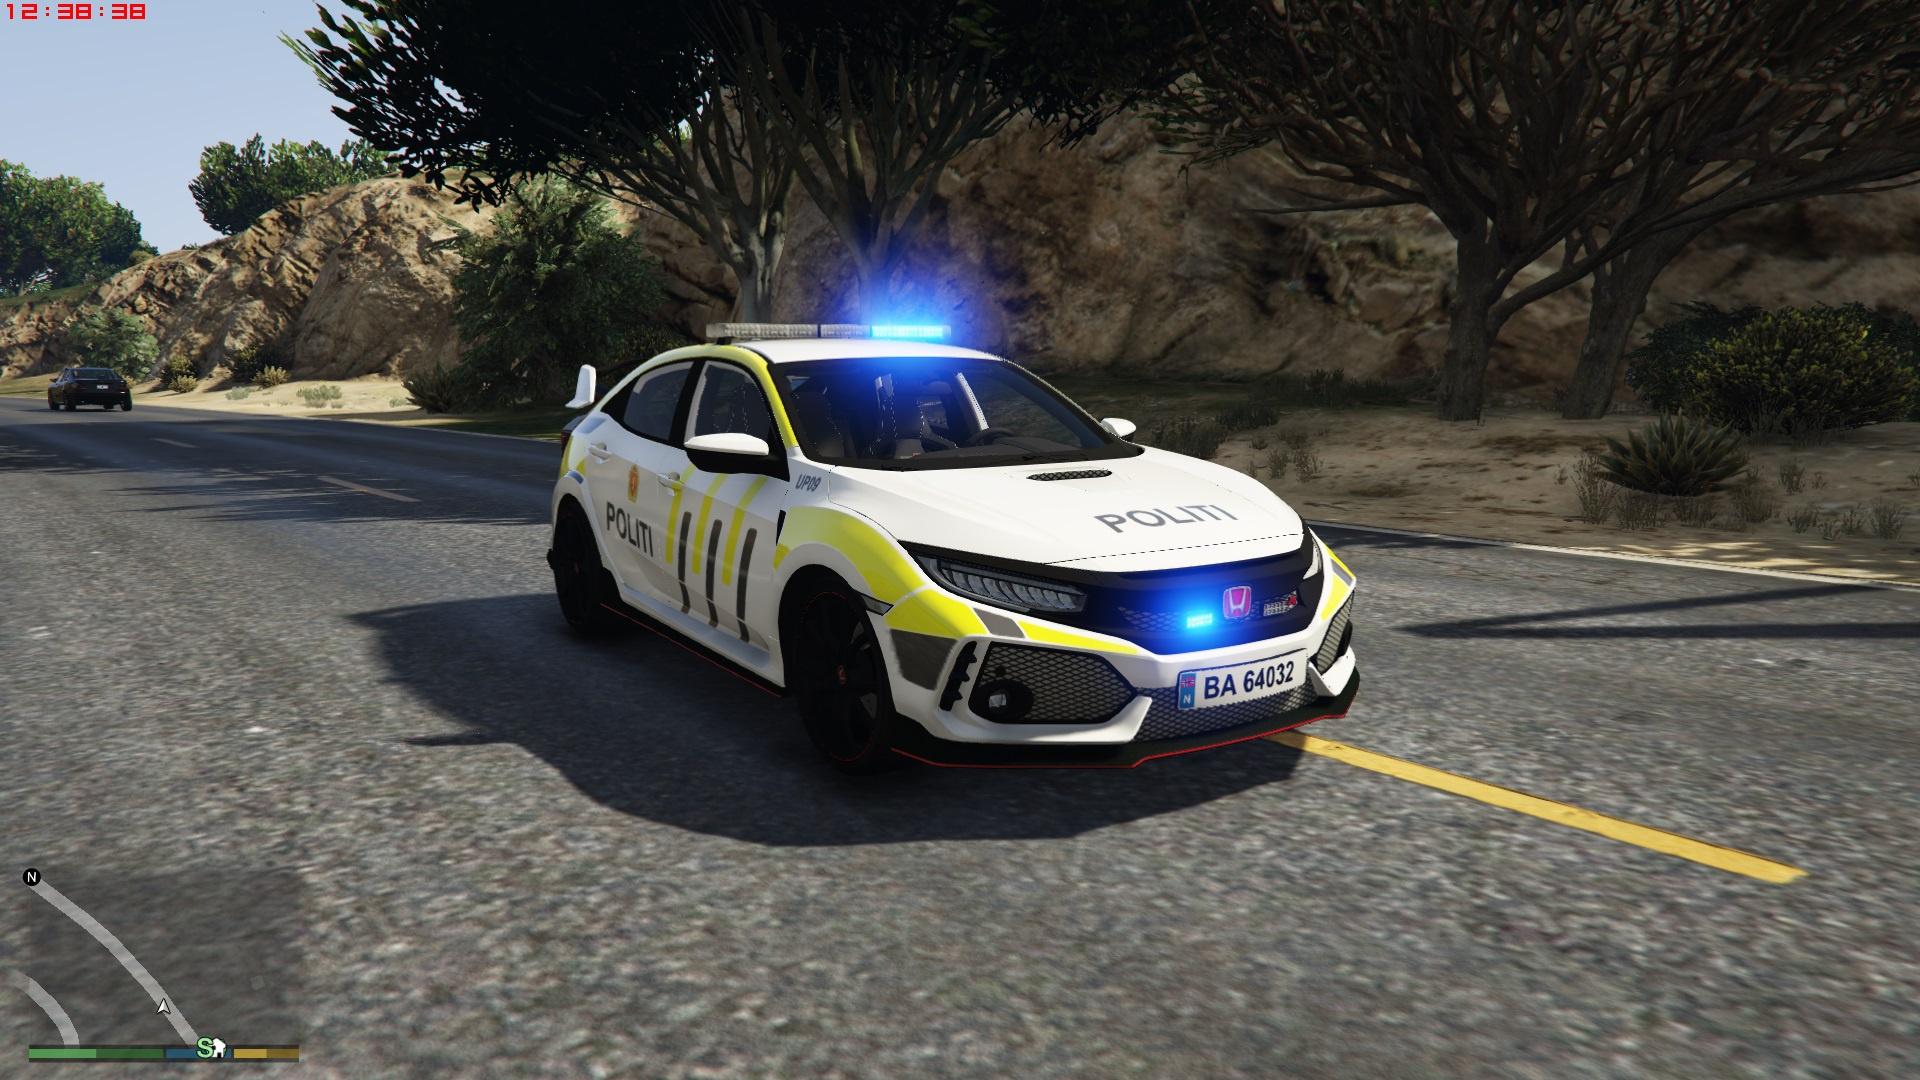 0d1bfa Grand Theft Auto V Screenshot 2017 12 24 38 71